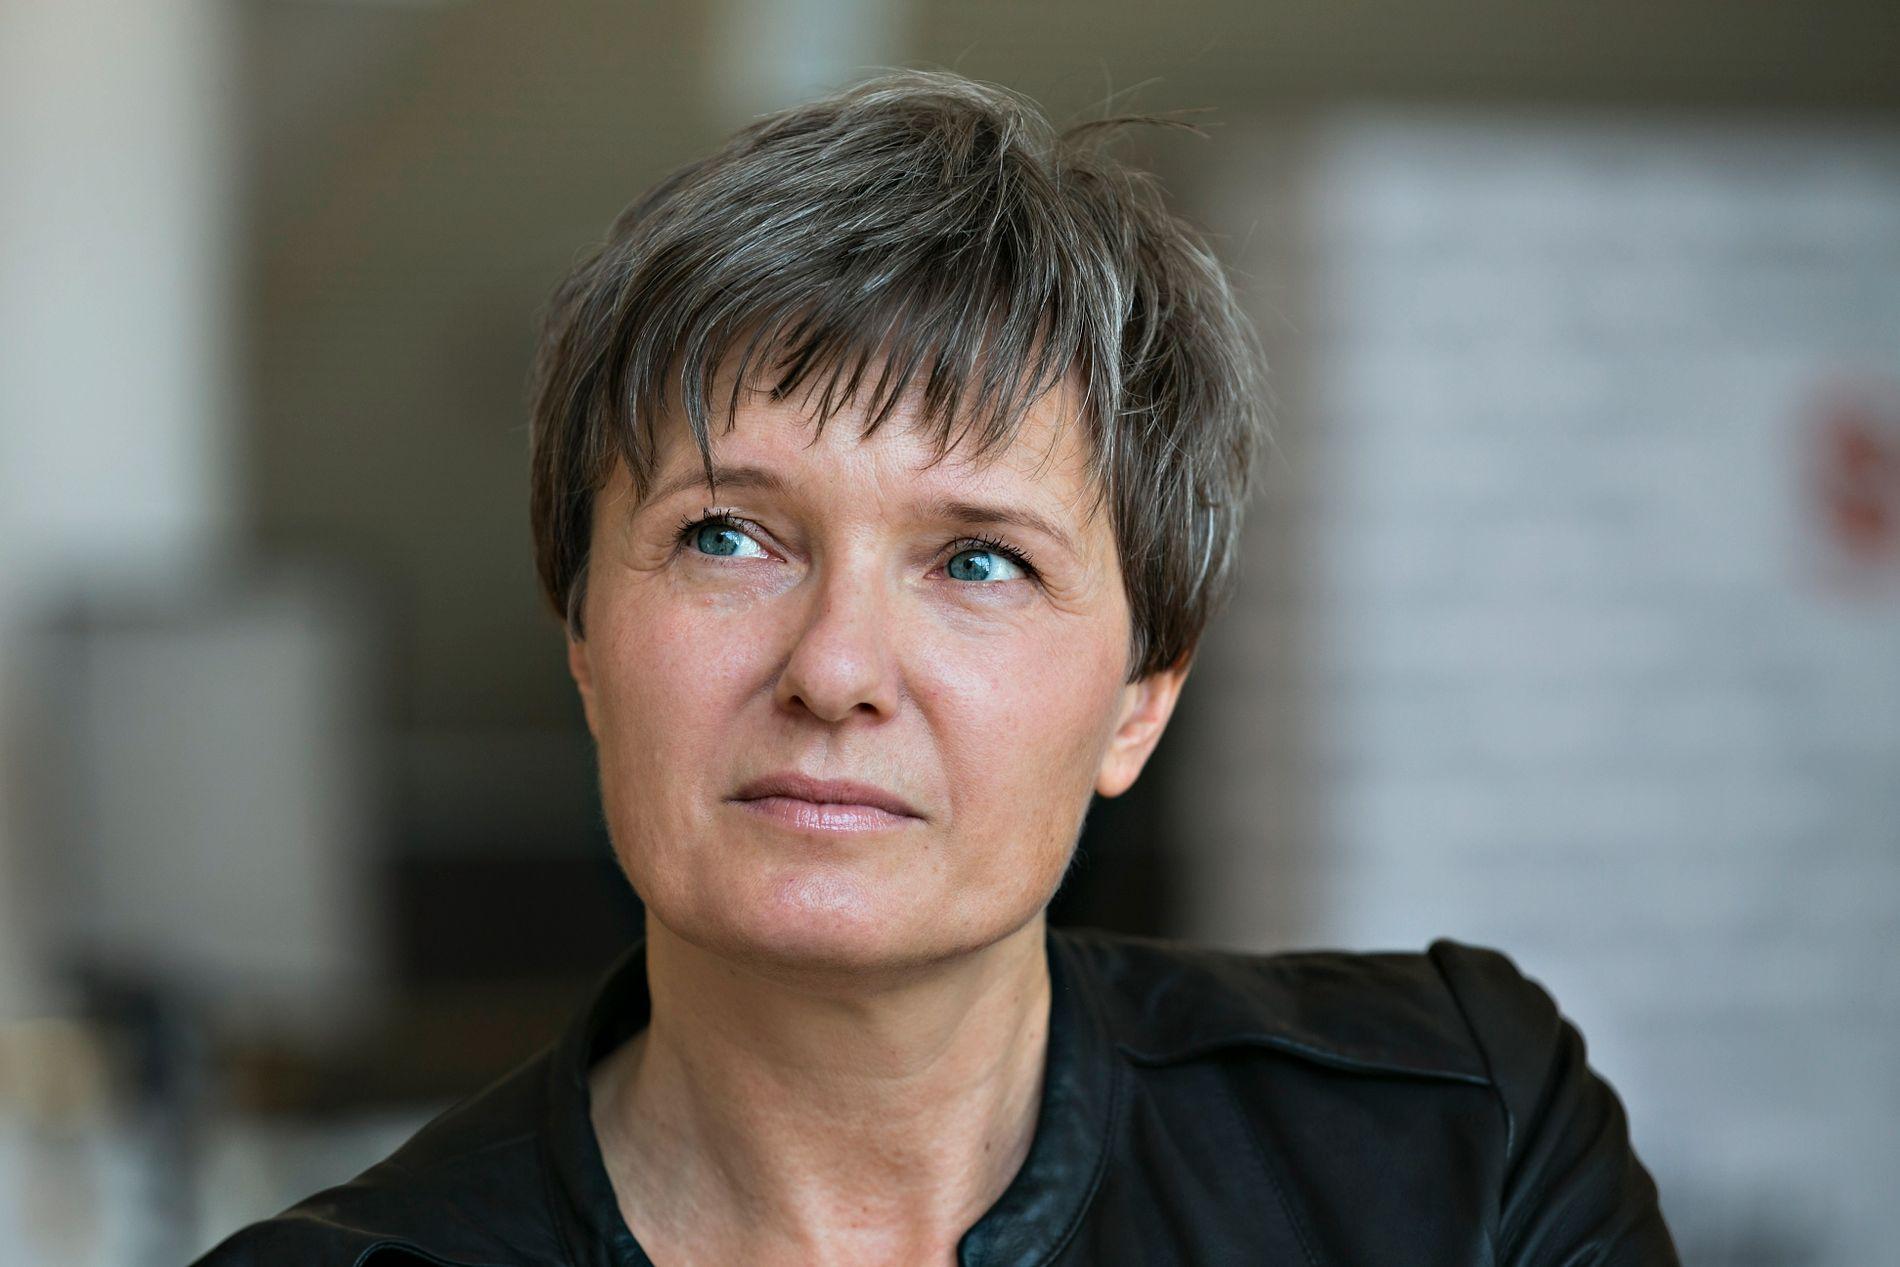 MÅ MELDE AVBUD: Ingrid Bjørnov, her avbildet i forbindelse en teateroppsetting på Det Norske Teateret i 2015.